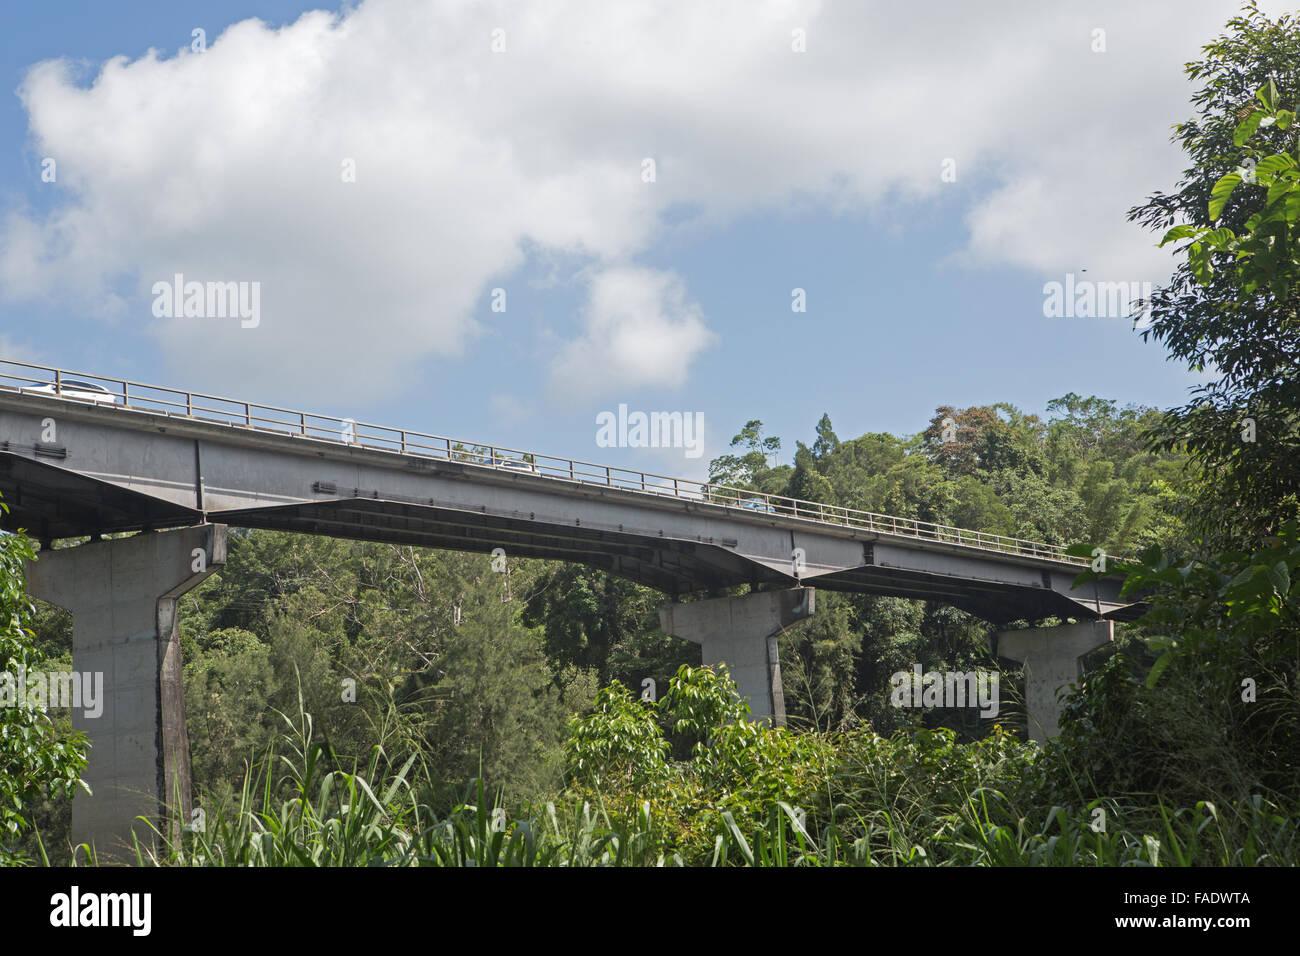 Concrete span bridge Kuranda Australia - Stock Image